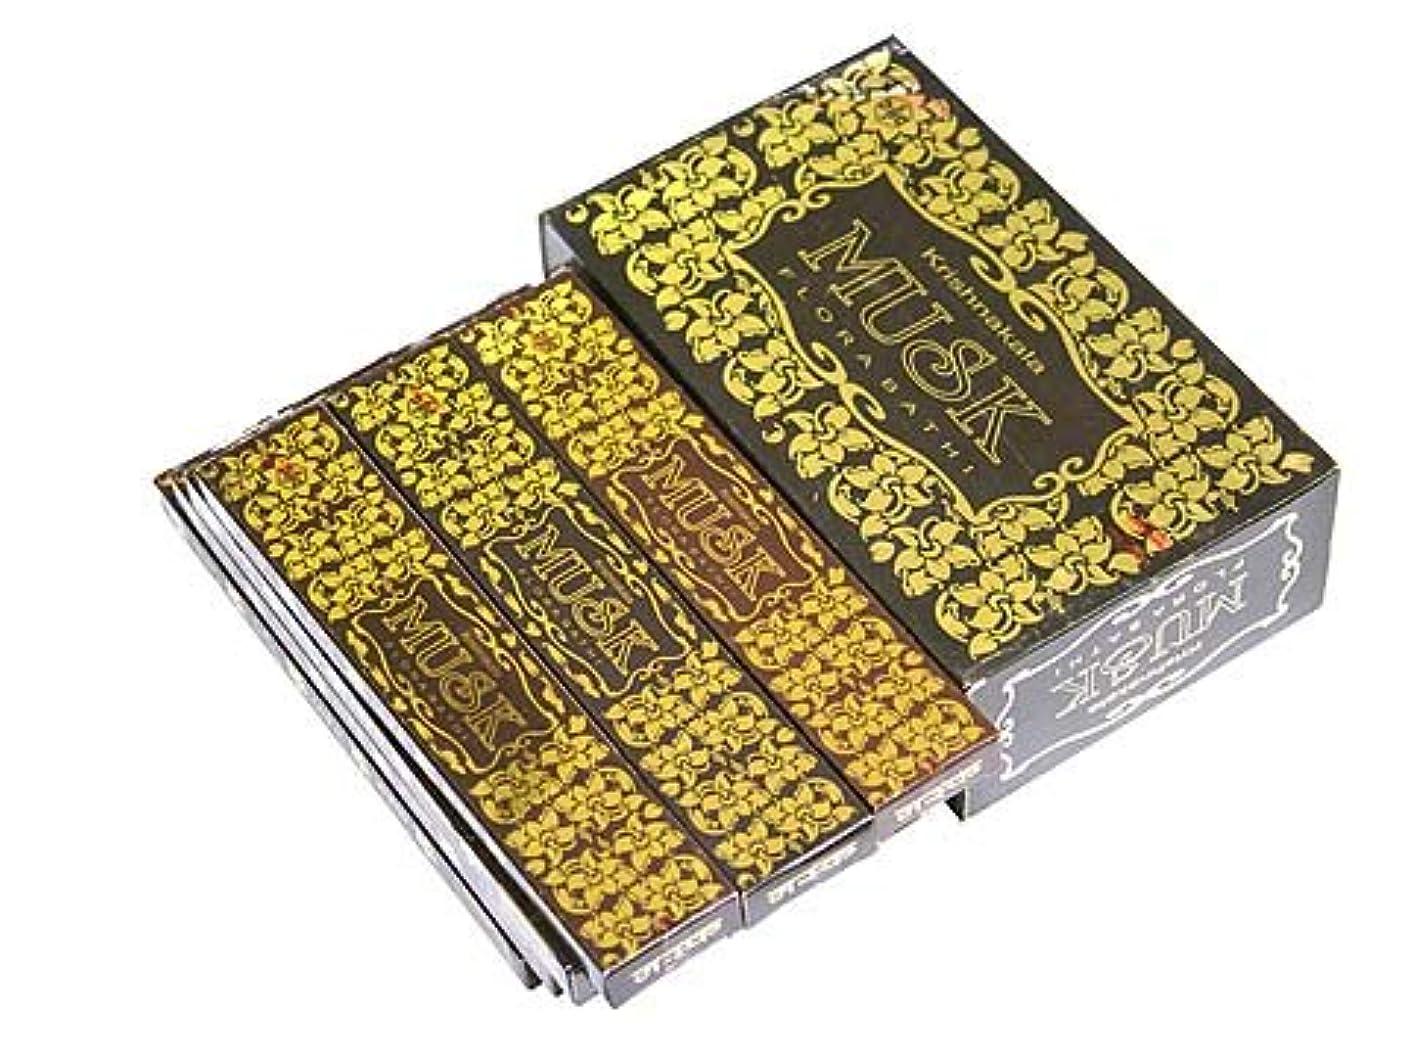 特異性それら今までA-RAVI RAG(エーラビ ラグ) ムスク香 スティック MUSK 12箱セット